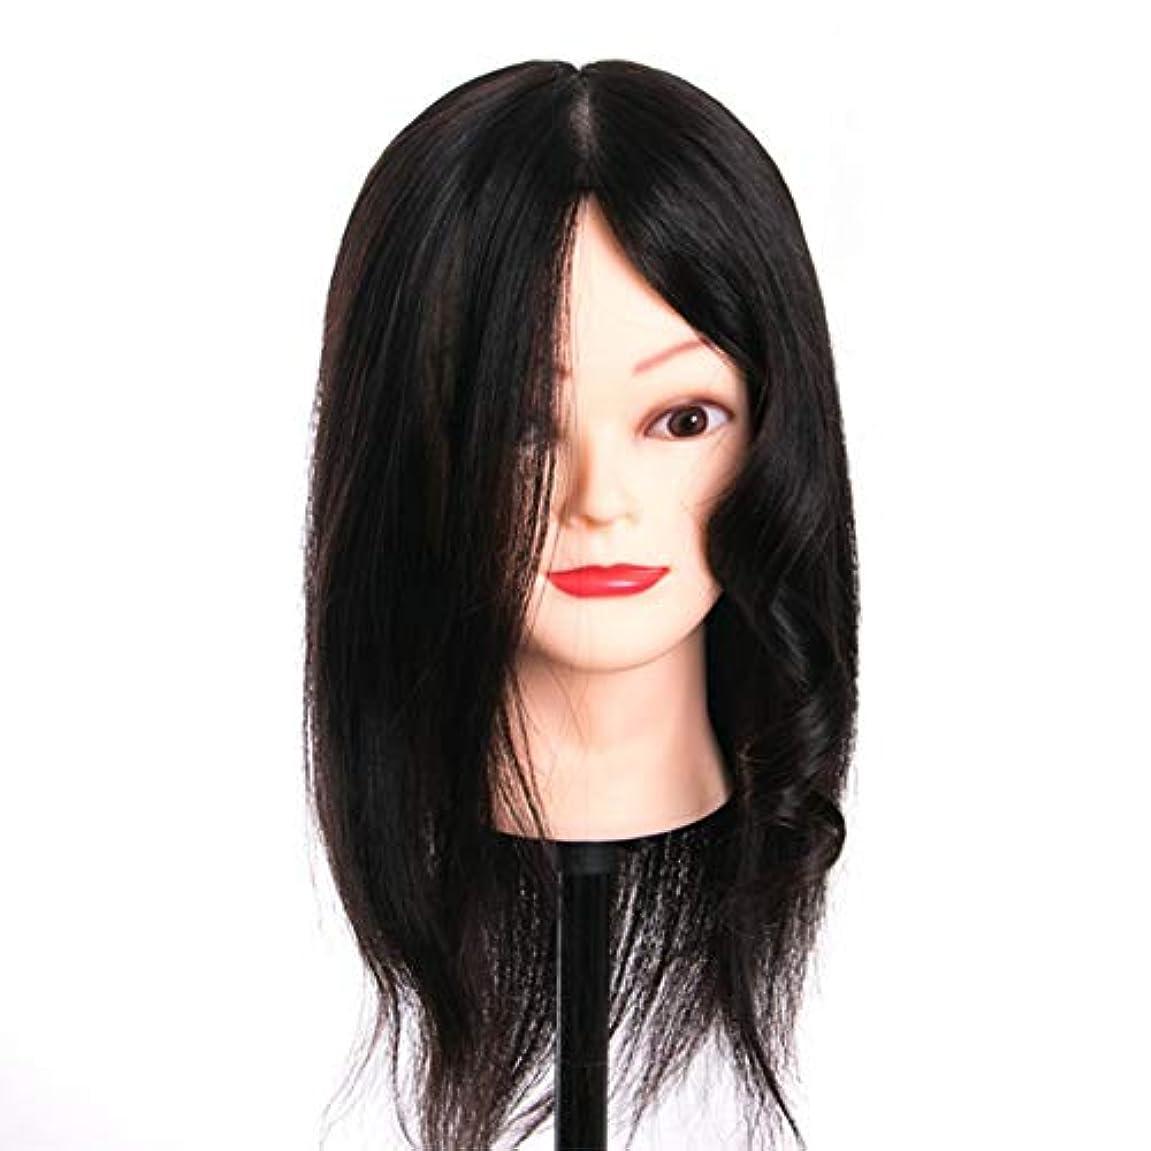 おとこ穀物パリティメイクディスクヘアスタイリング編み教育ダミーヘッドサロンエクササイズヘッド金型理髪ヘアカットトレーニングかつら3個